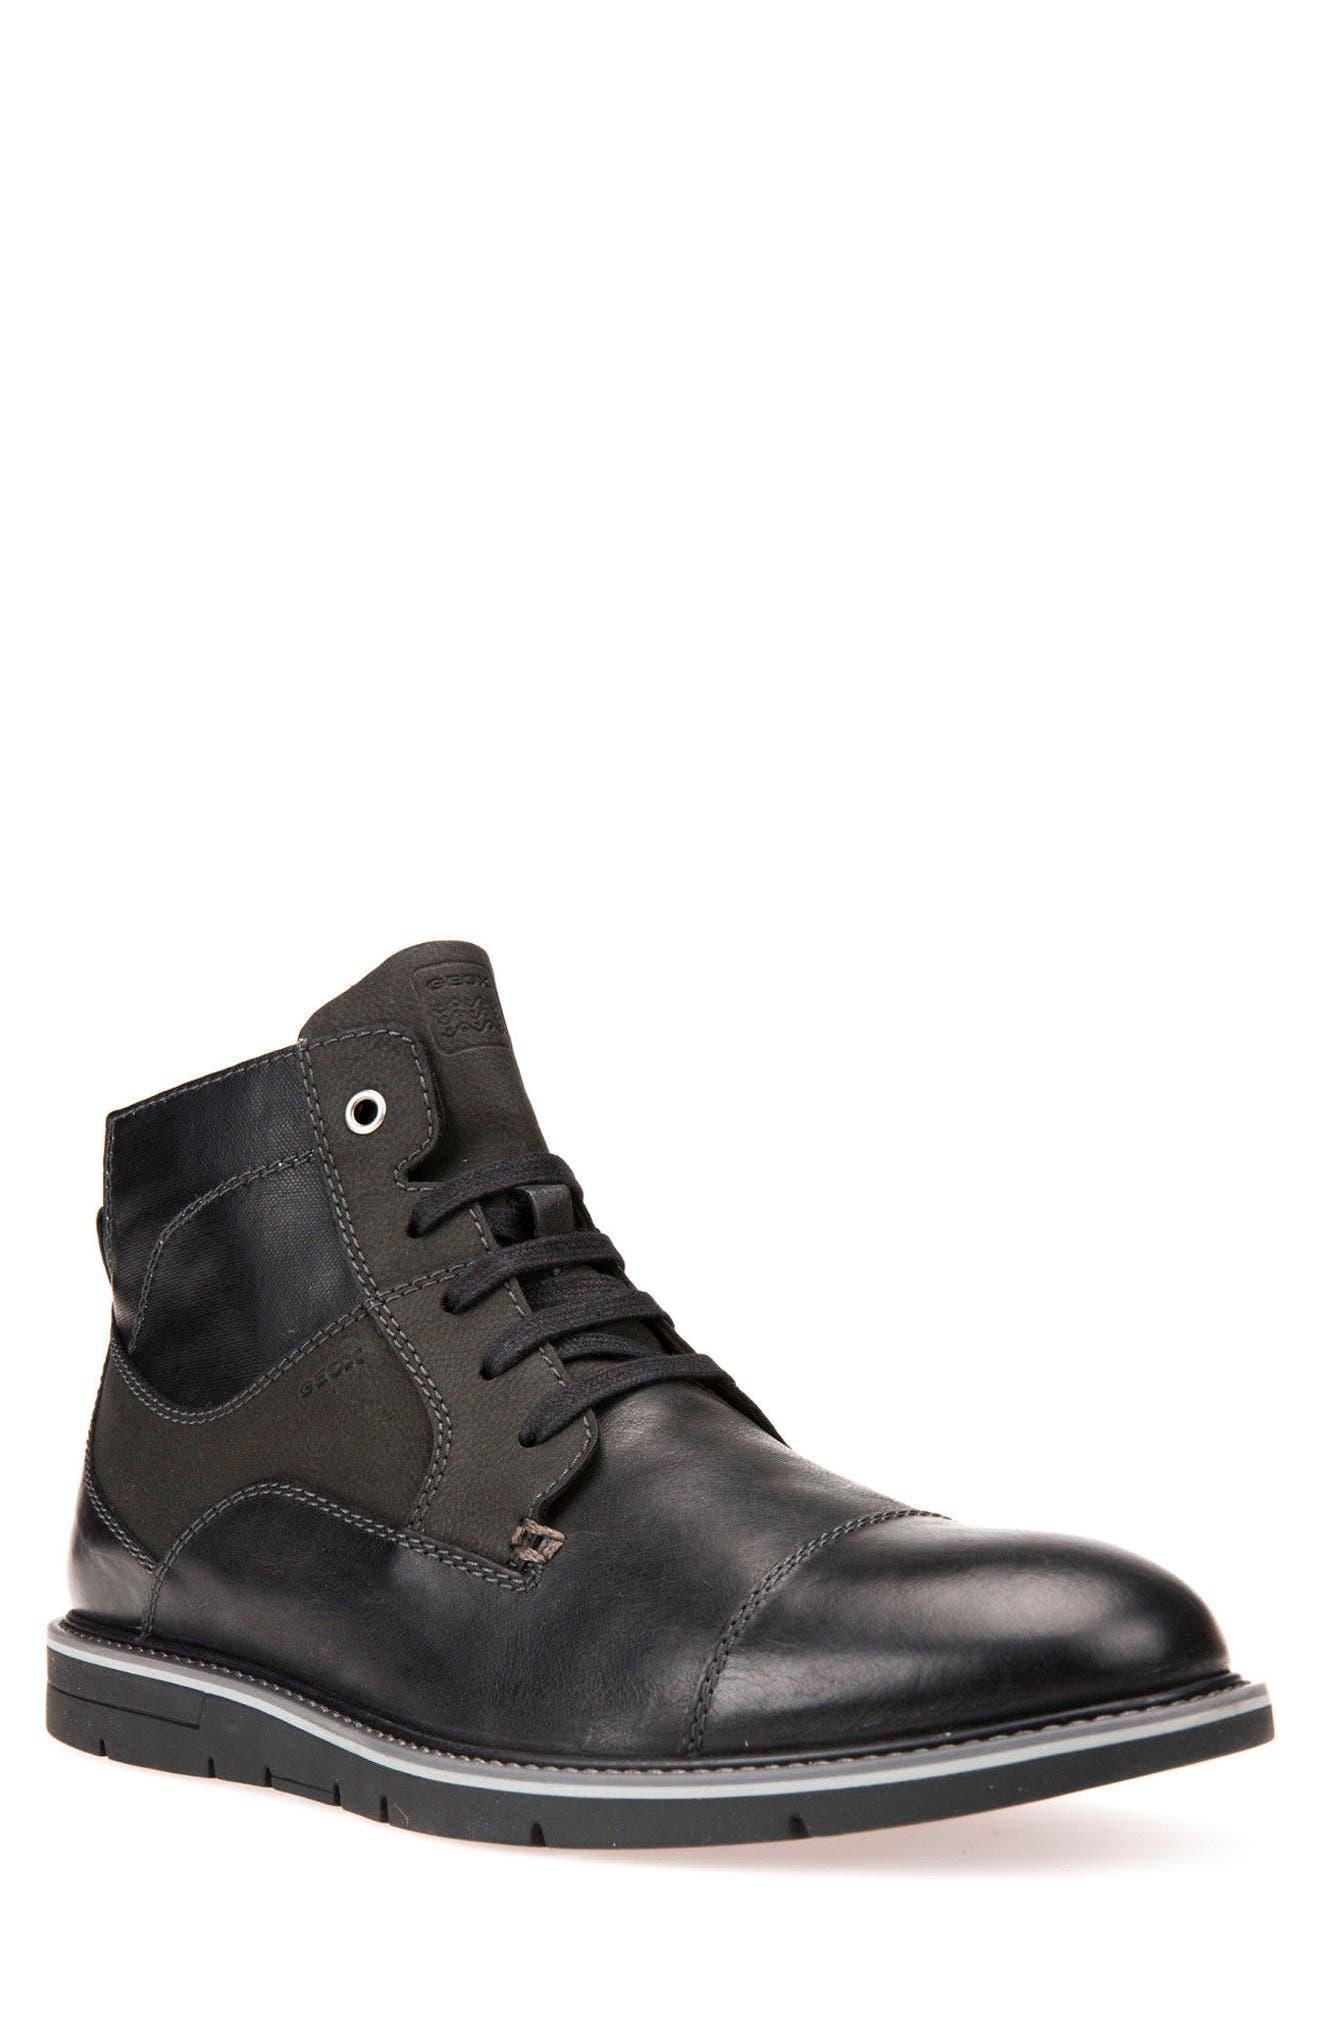 Alternate Image 1 Selected - Geox Muvet 5 Cap Toe Boot (men)